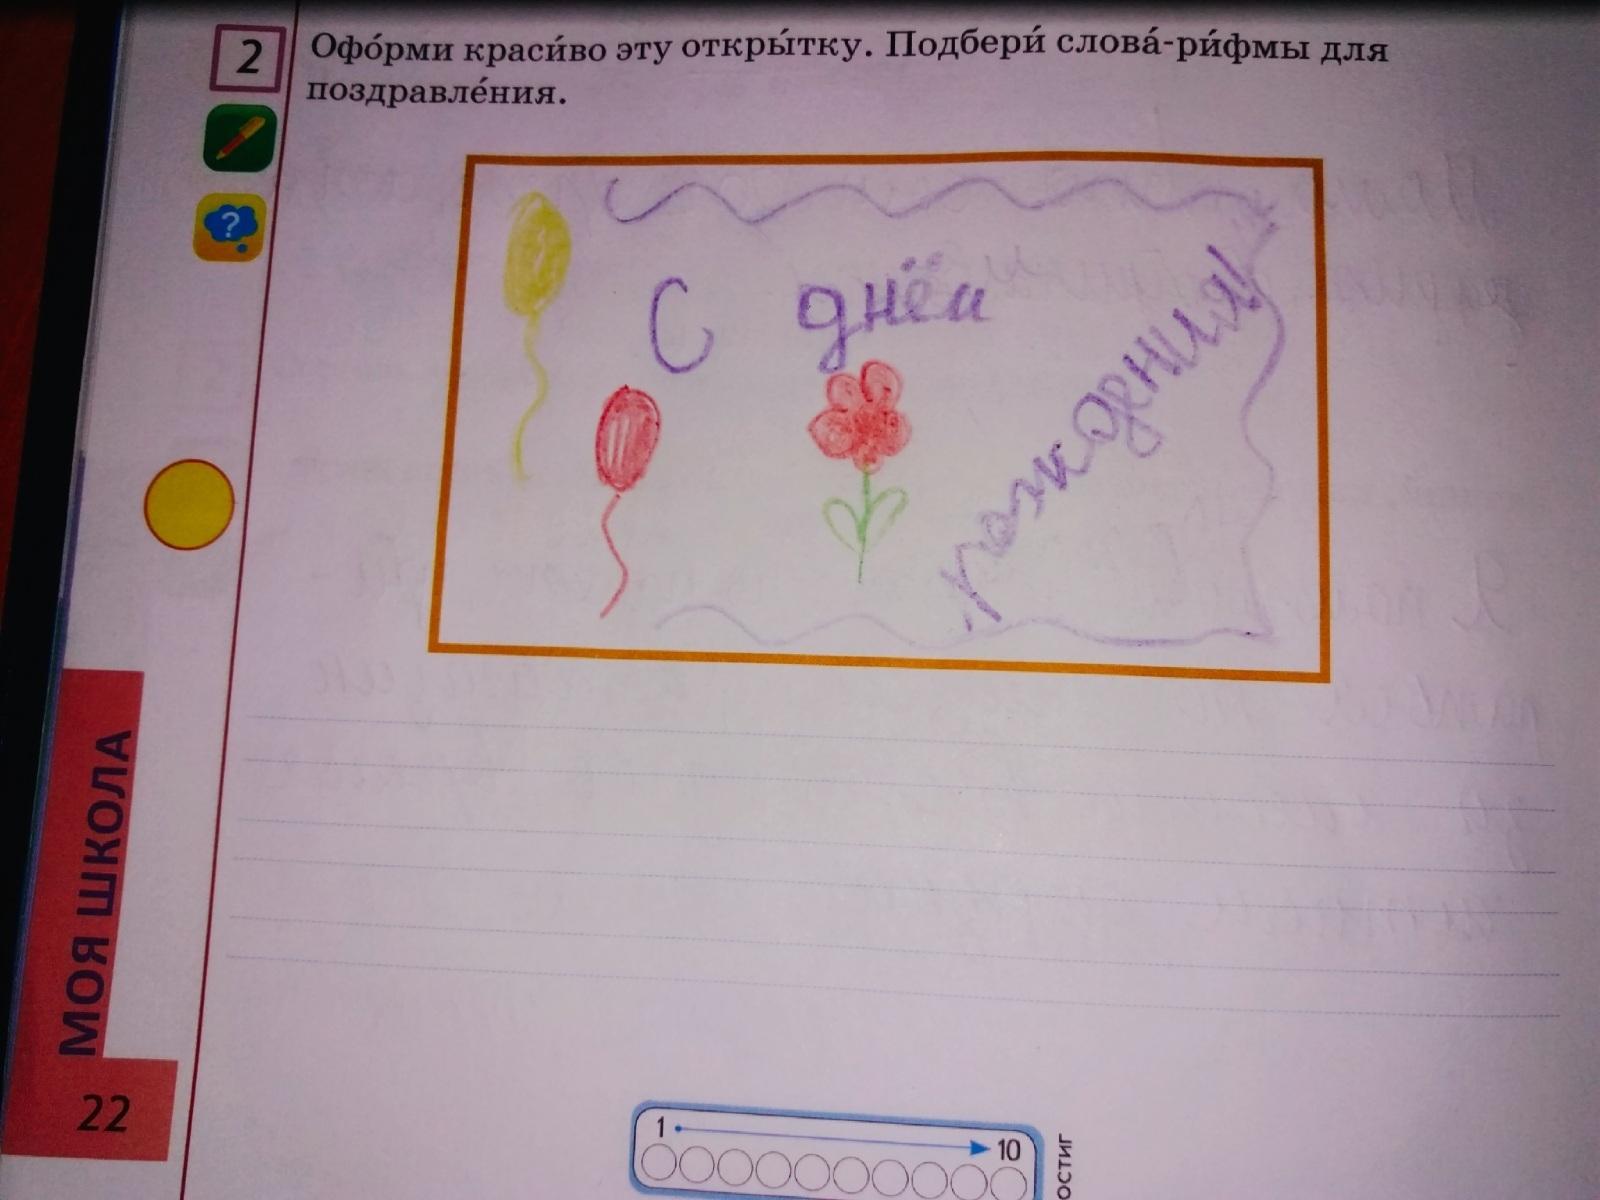 Рифма к слову открыток, поздравлениями